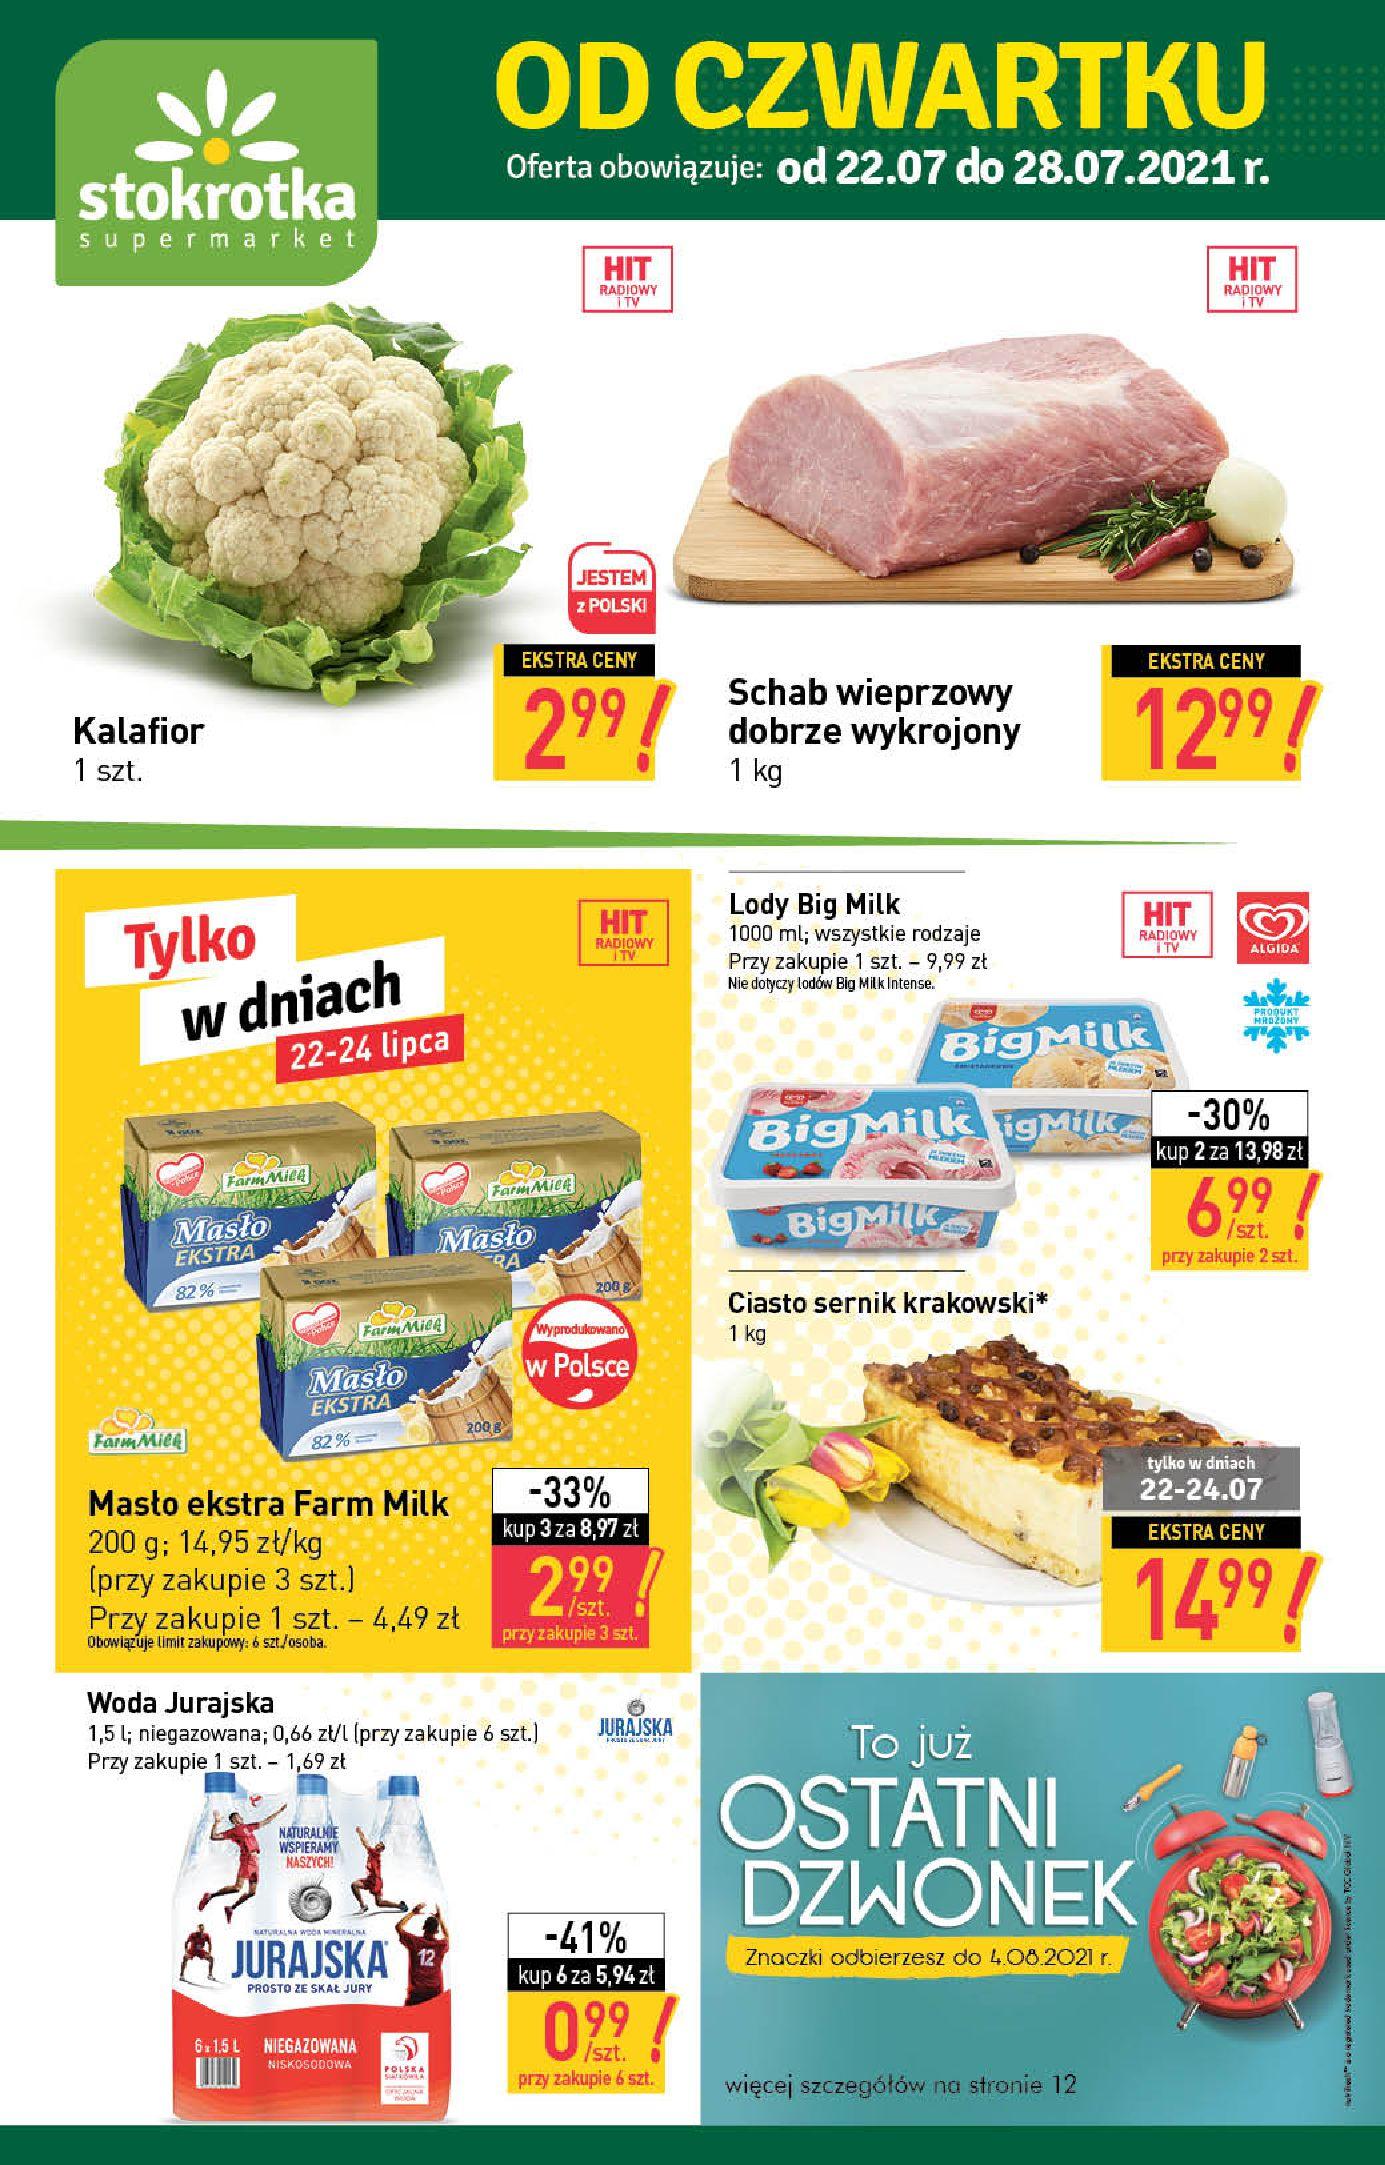 Gazetka Stokrotka Supermarket: Stokrotka Supermarket_IMPORTED_20210720130049 2021-07-22 page-1